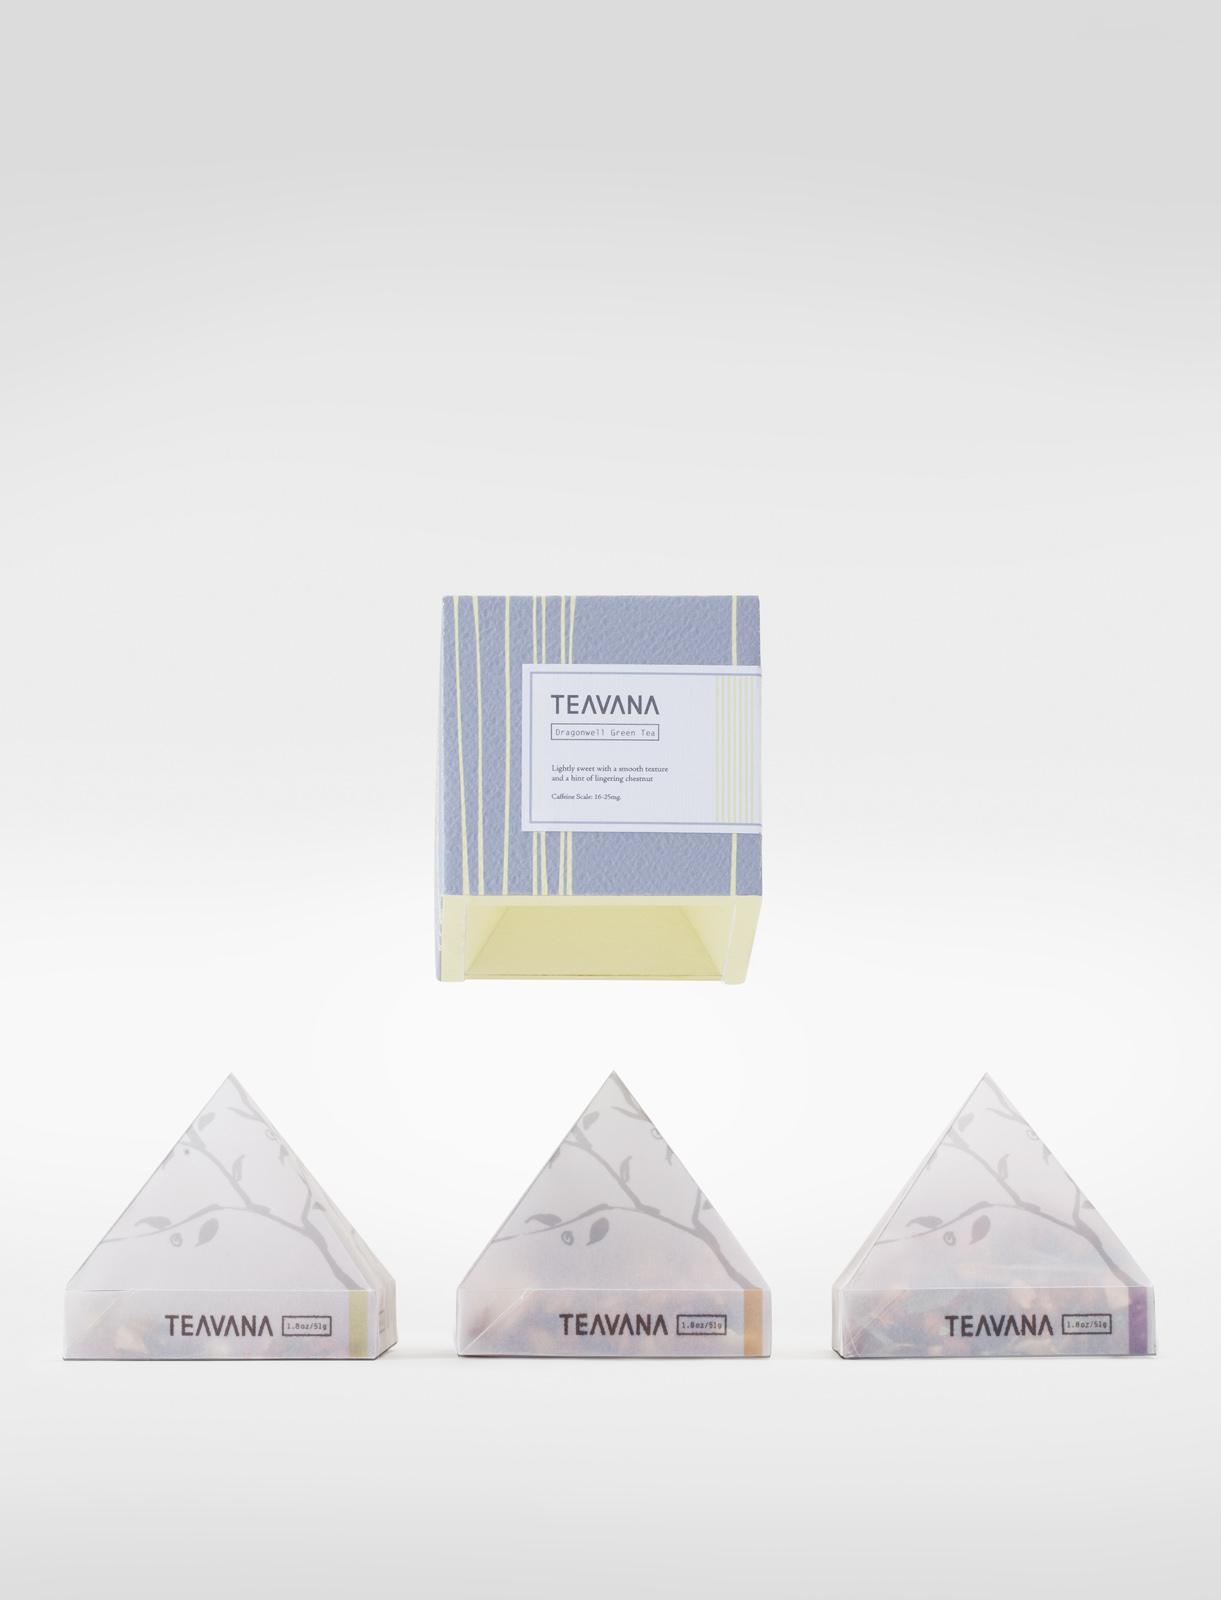 Teavana Spec packaging by Cindy Hu